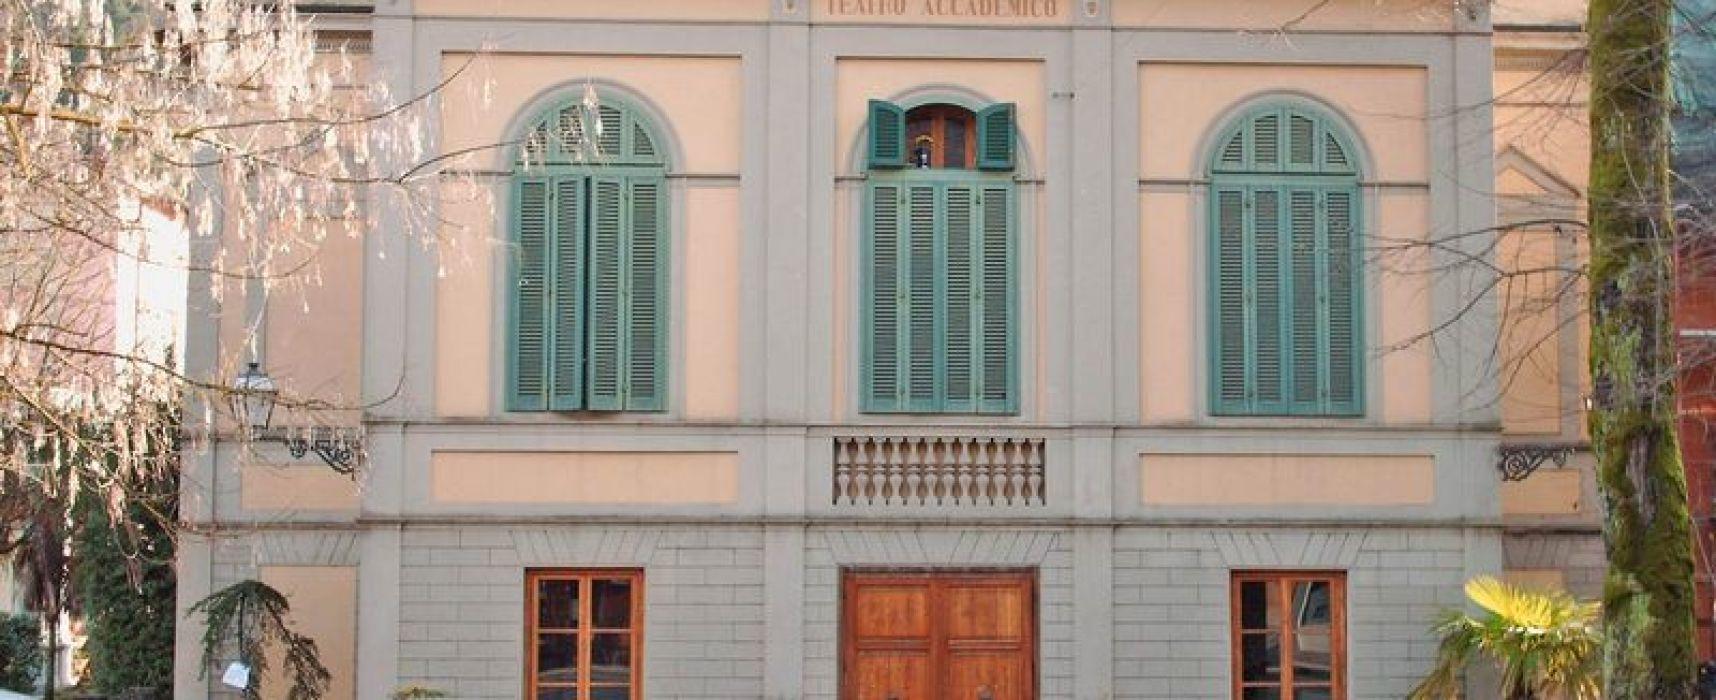 Giornata della memoria venerdì 26 gennaio, Teatro Accademico (Bagni di Lucca, Lu)